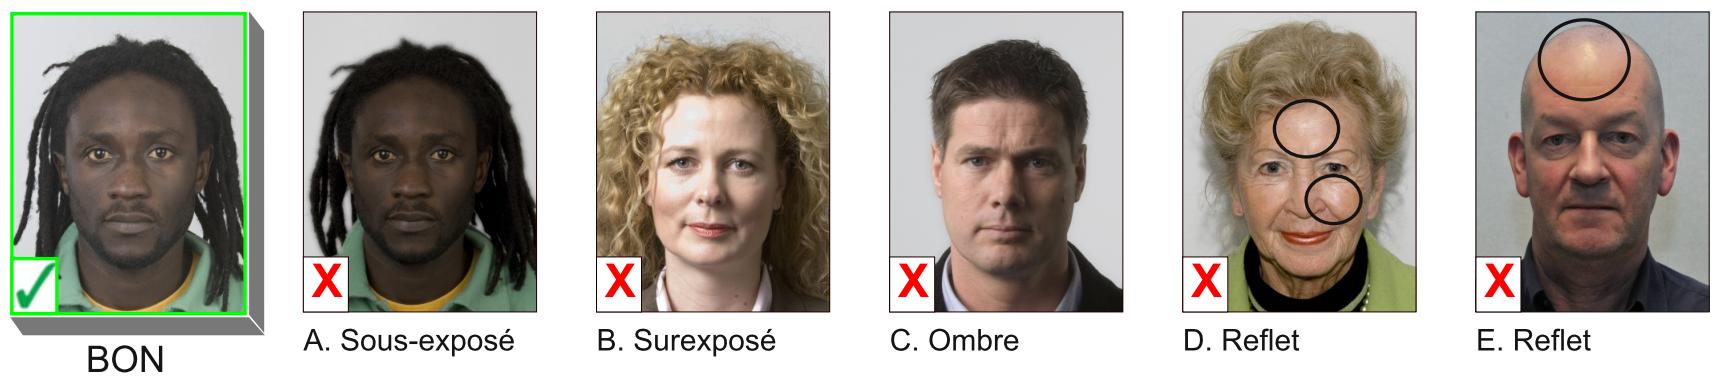 Belgium passport photo